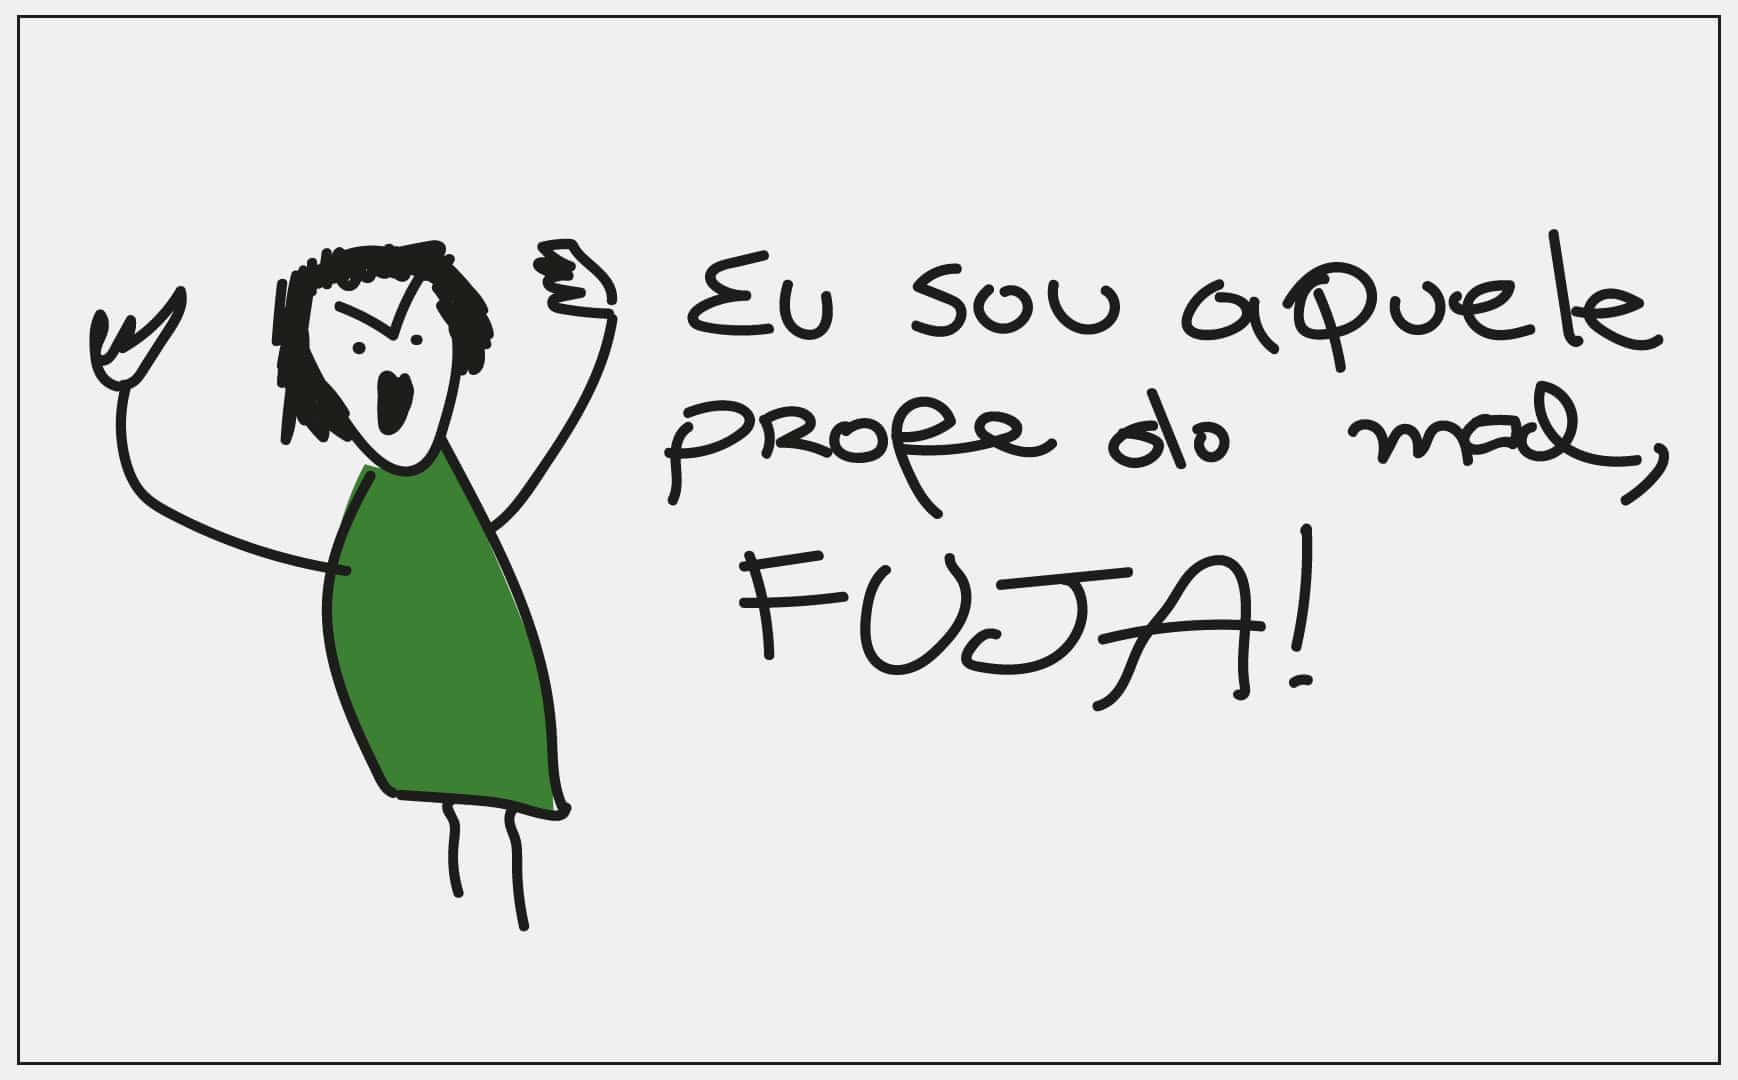 O que significa mad português